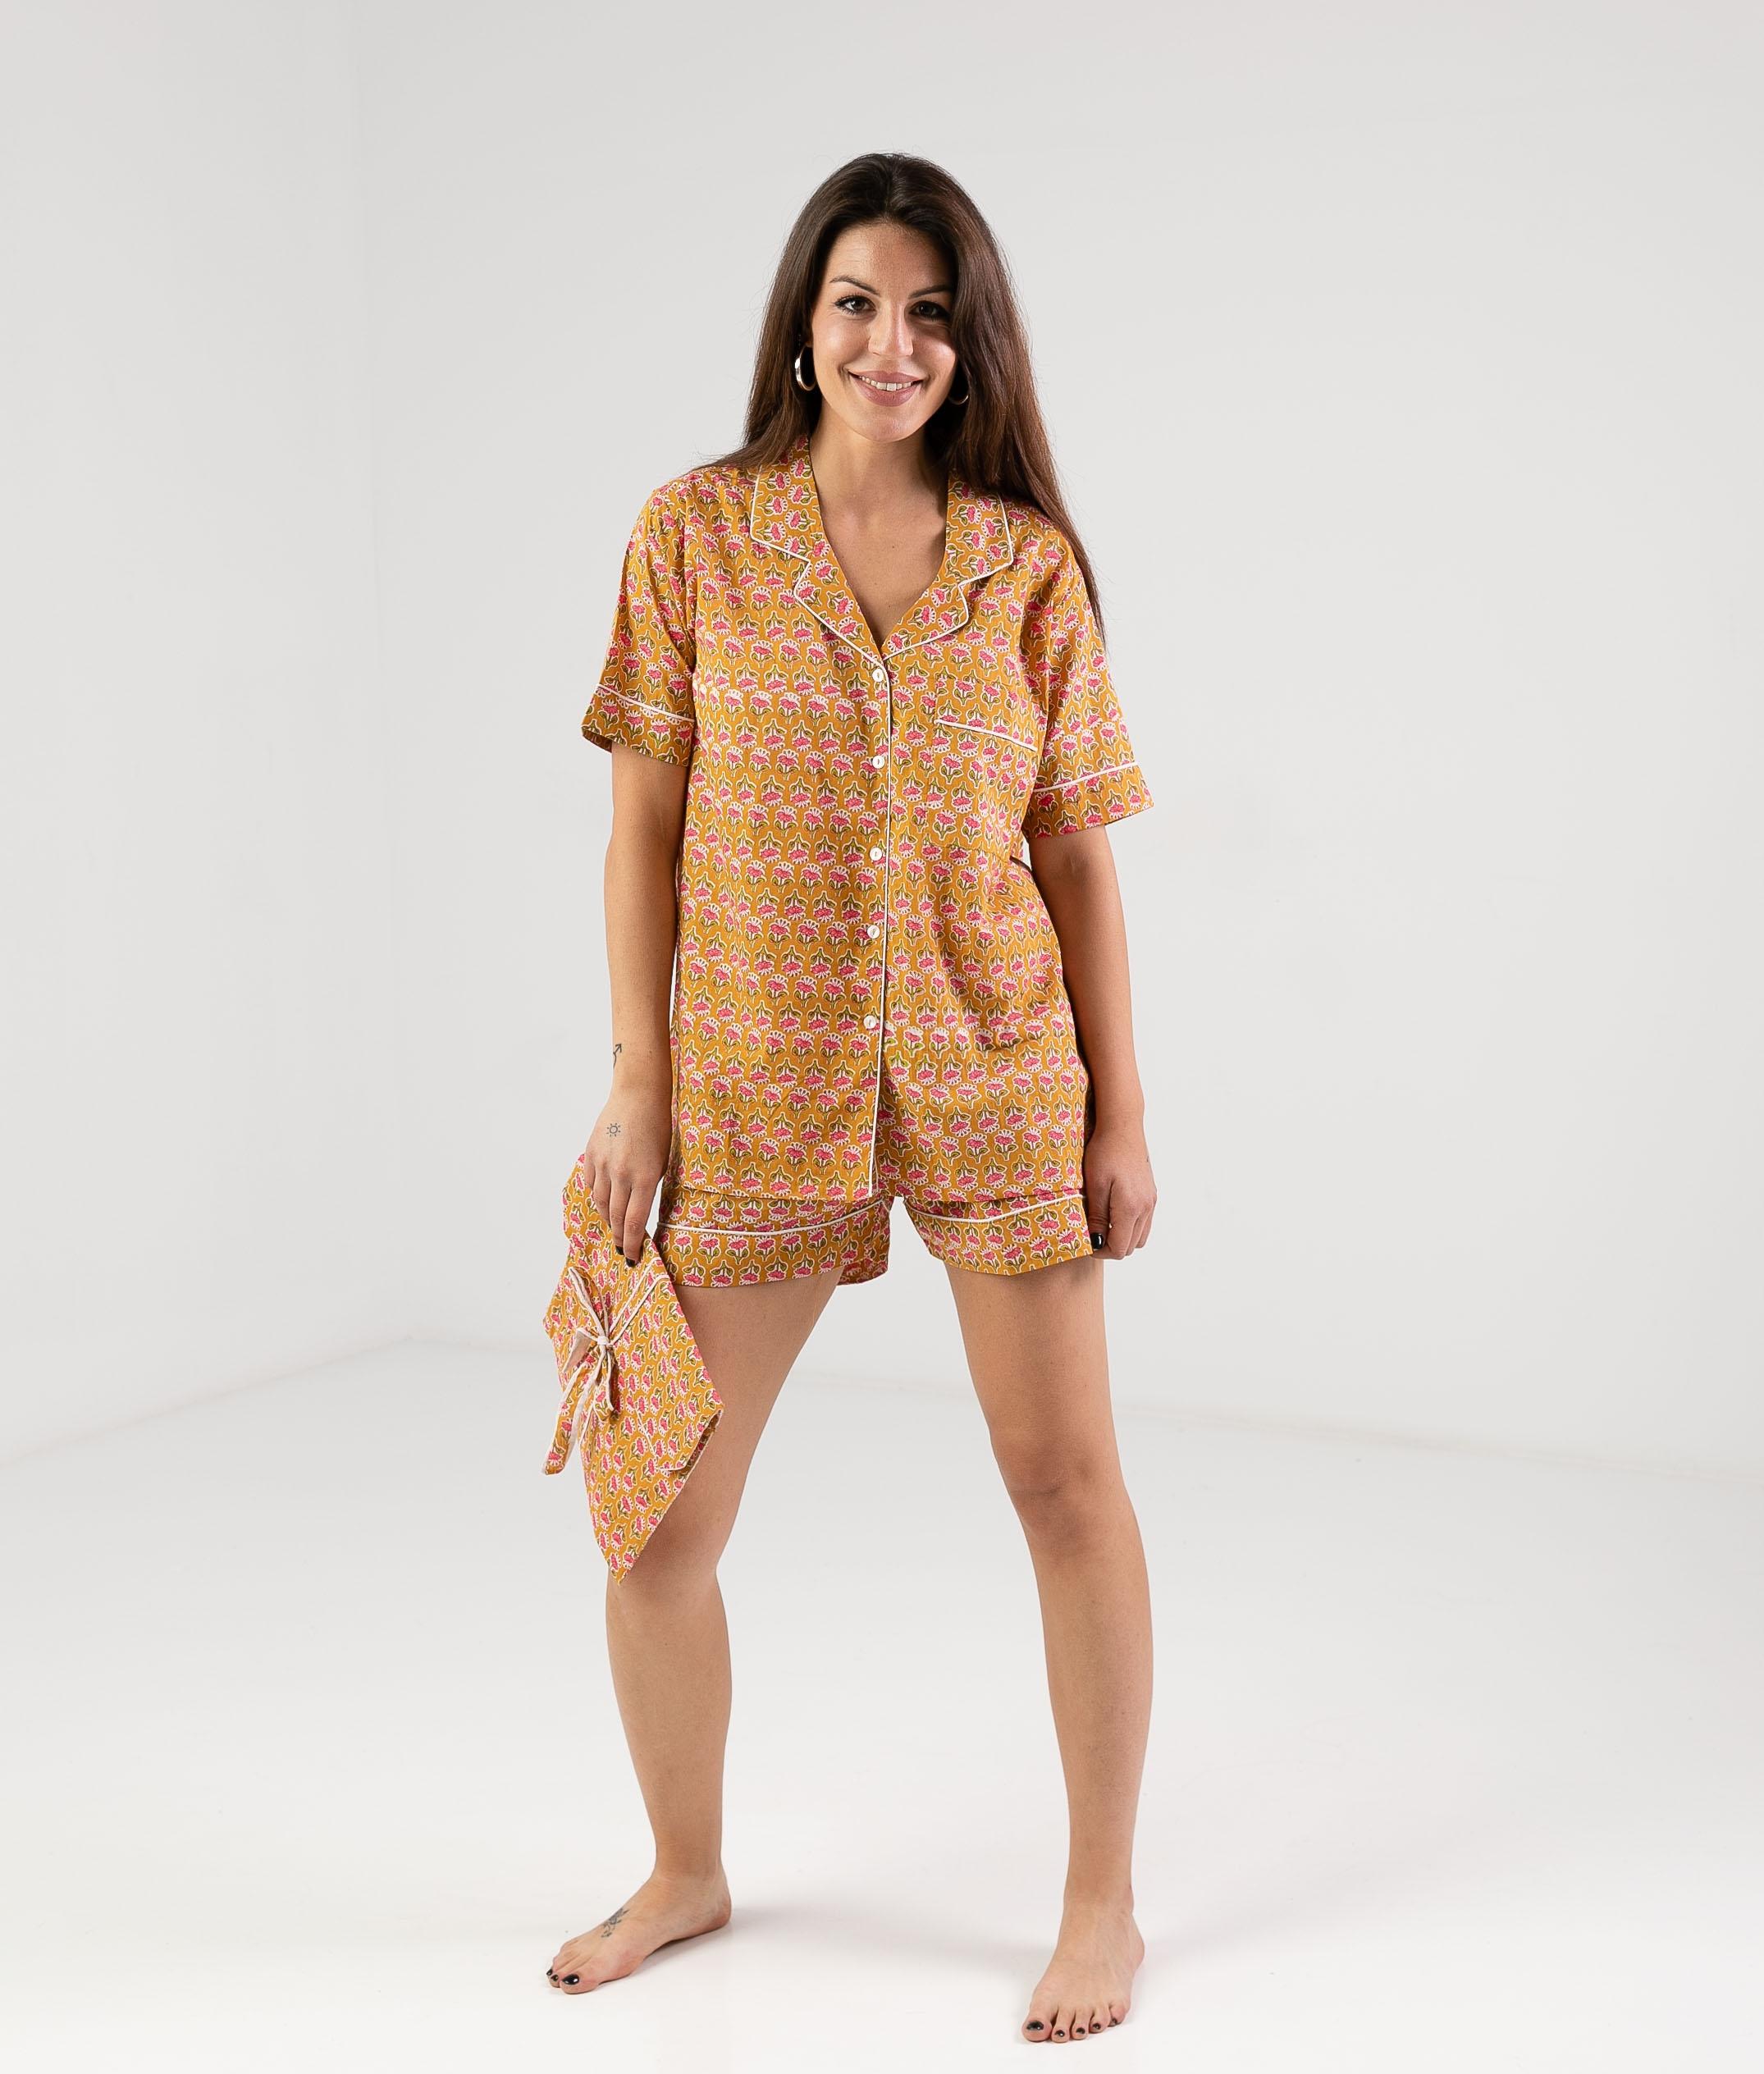 Pijama Ritrea - Mustard